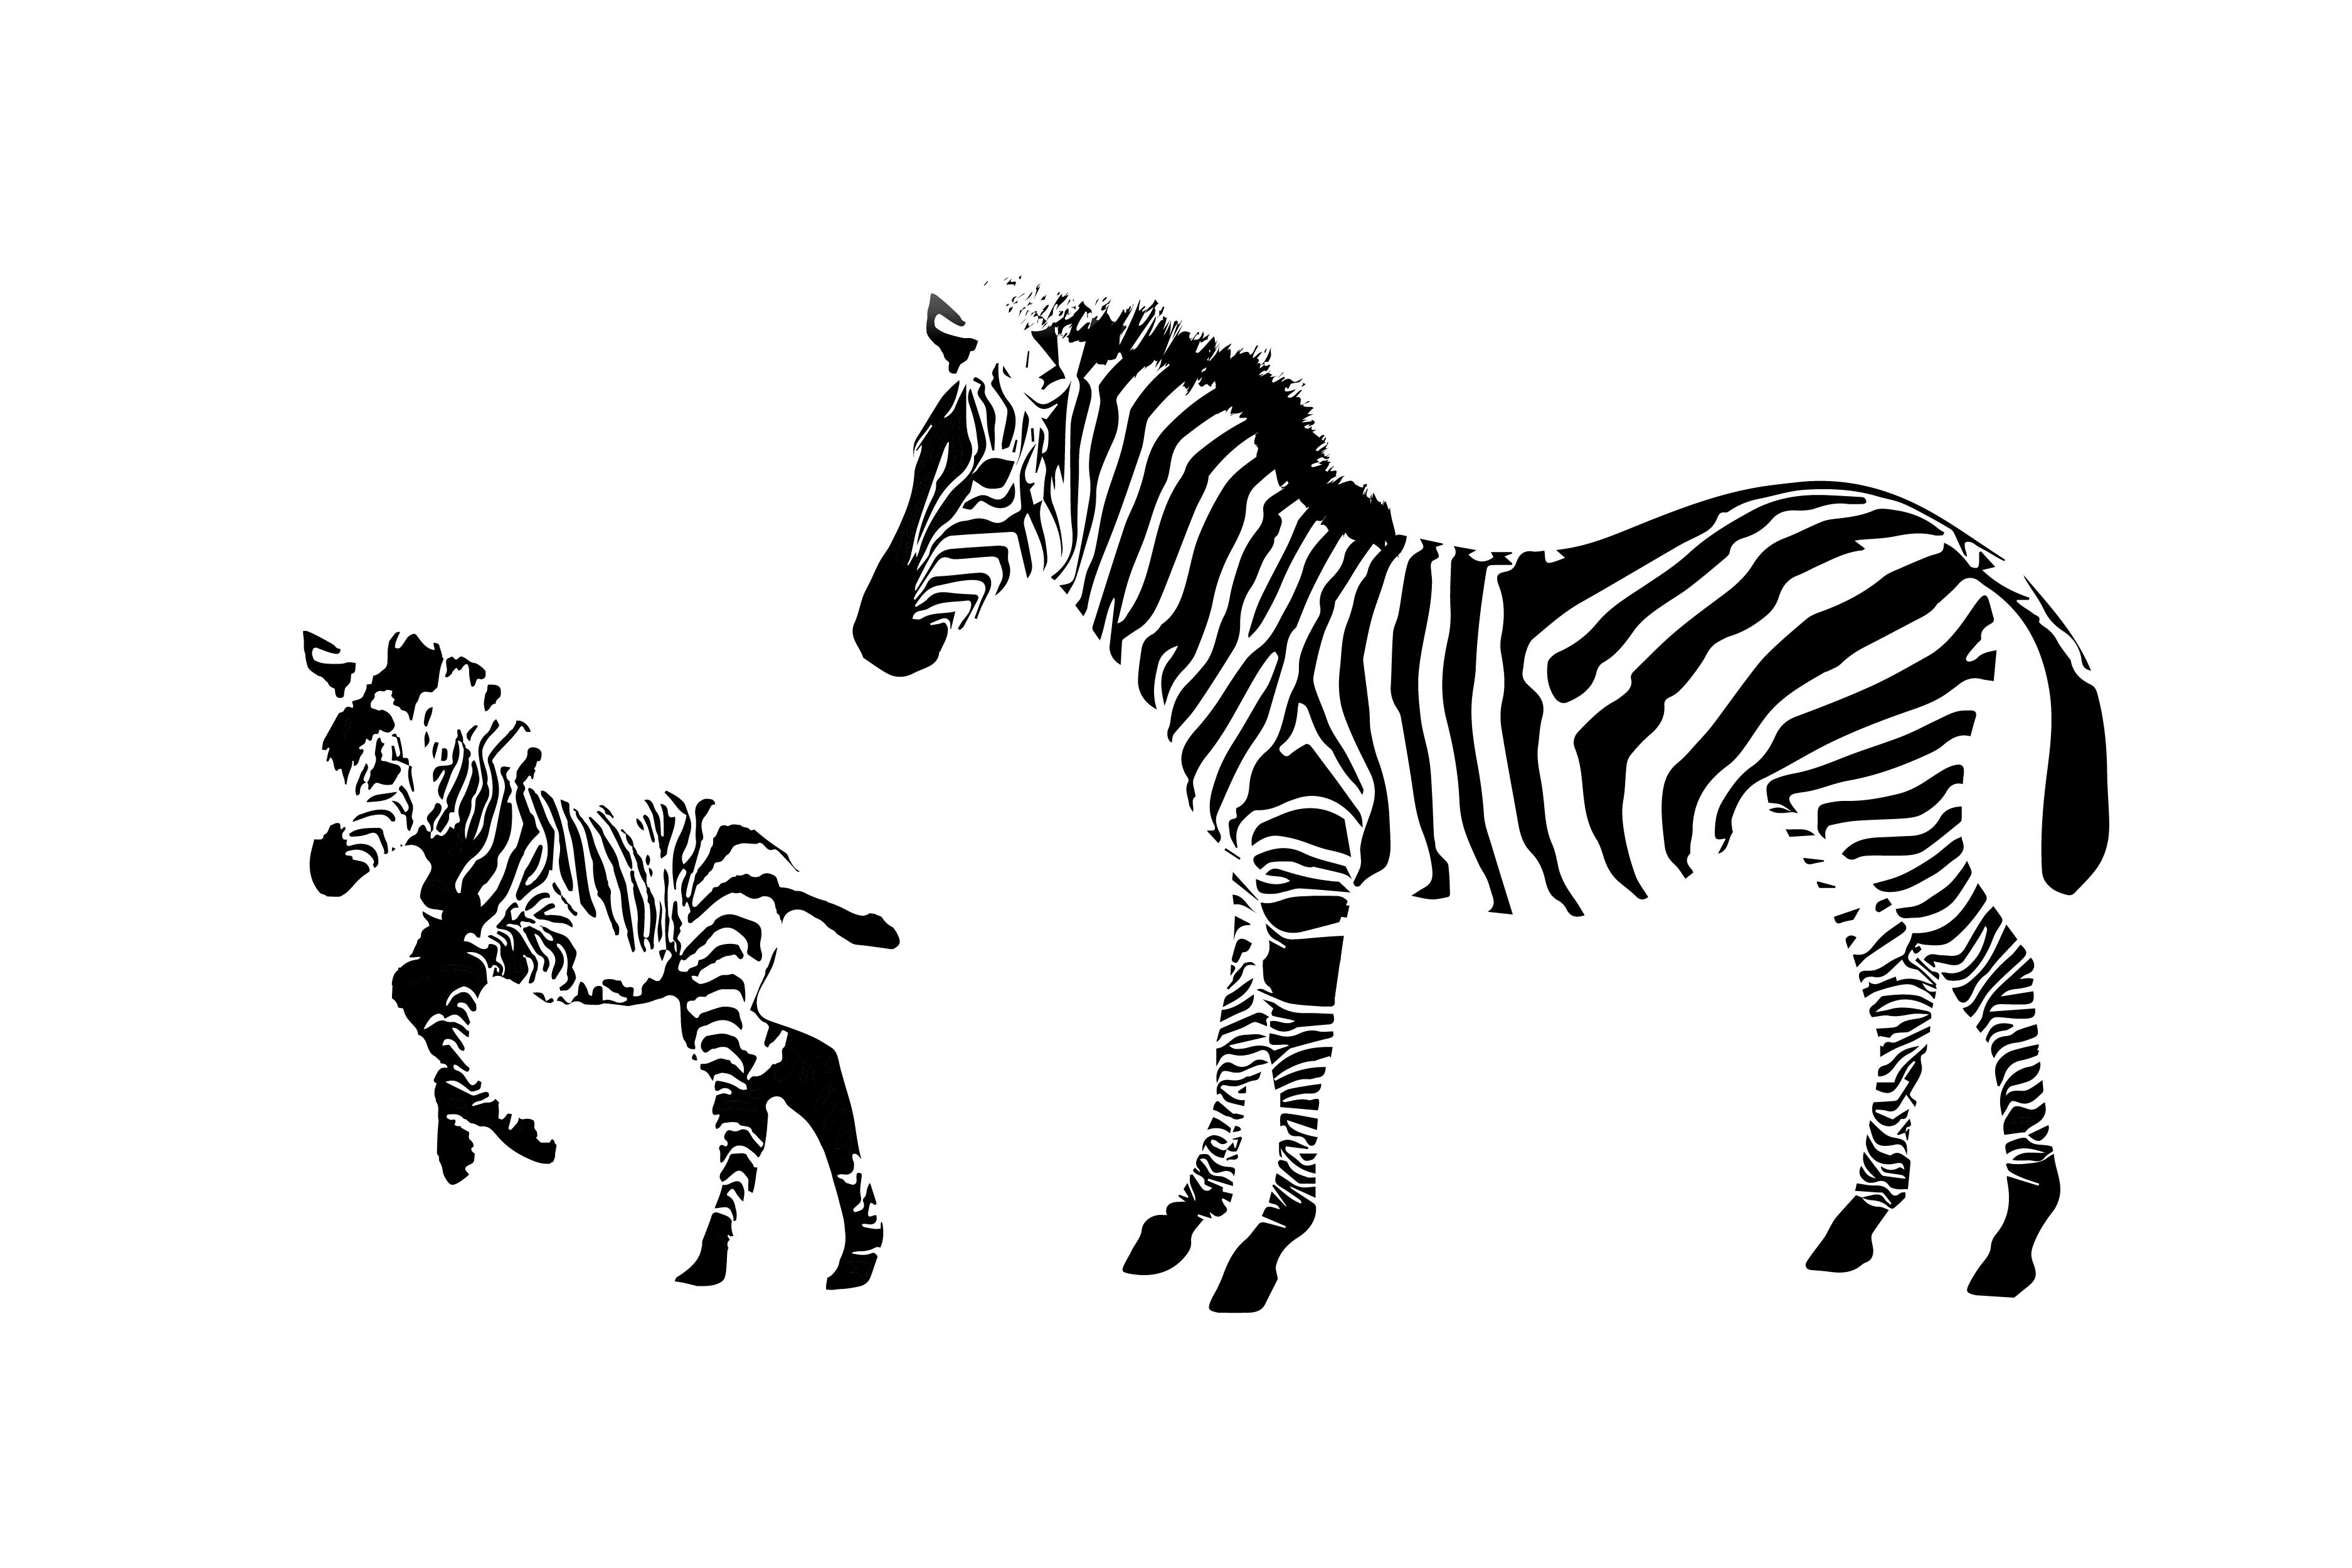 White Space Zebra